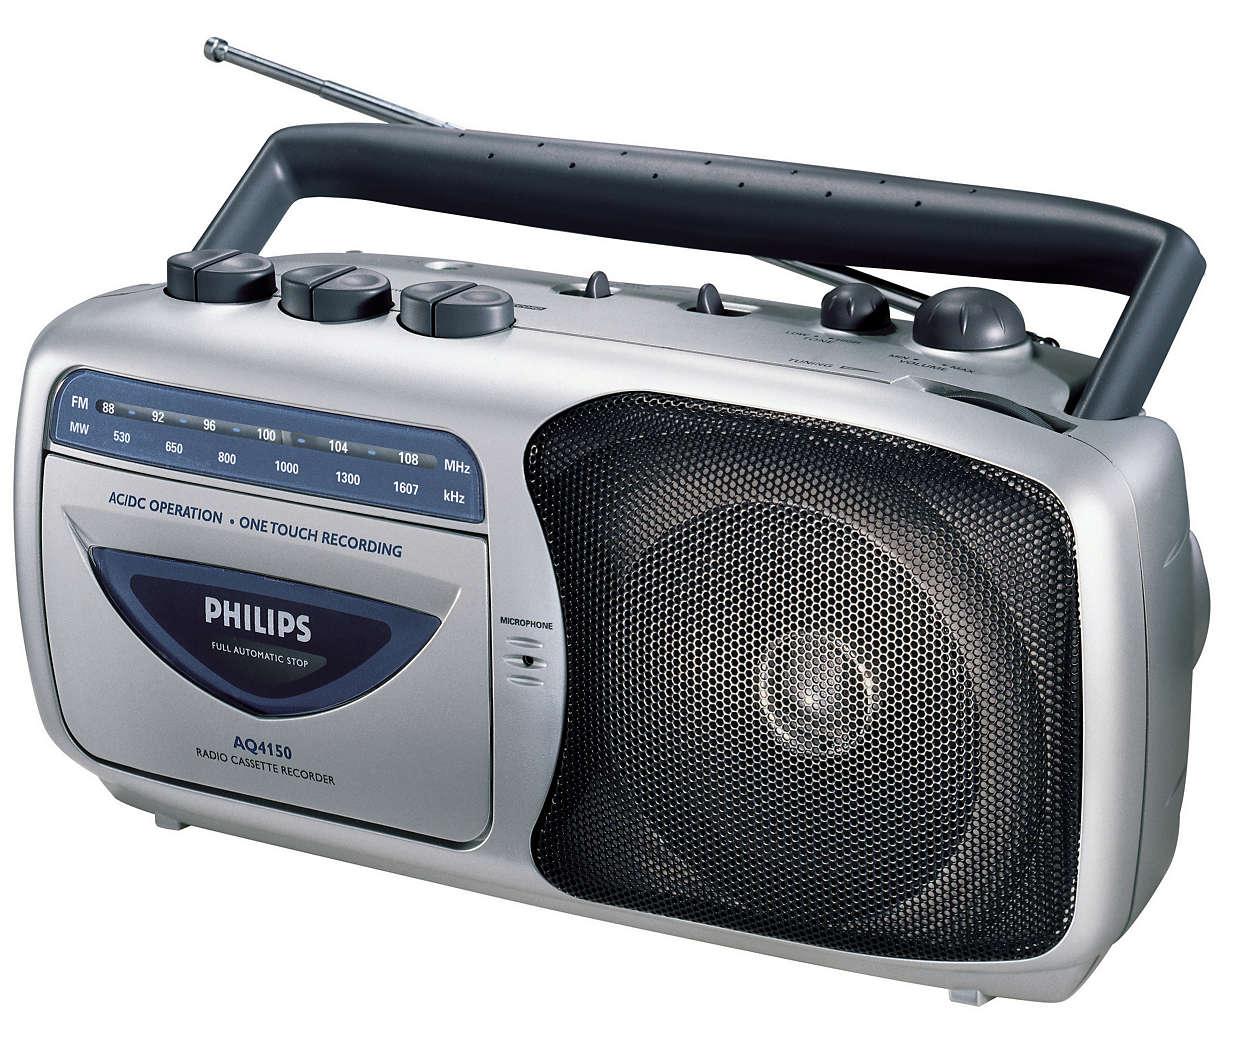 Bärbar kassettradio